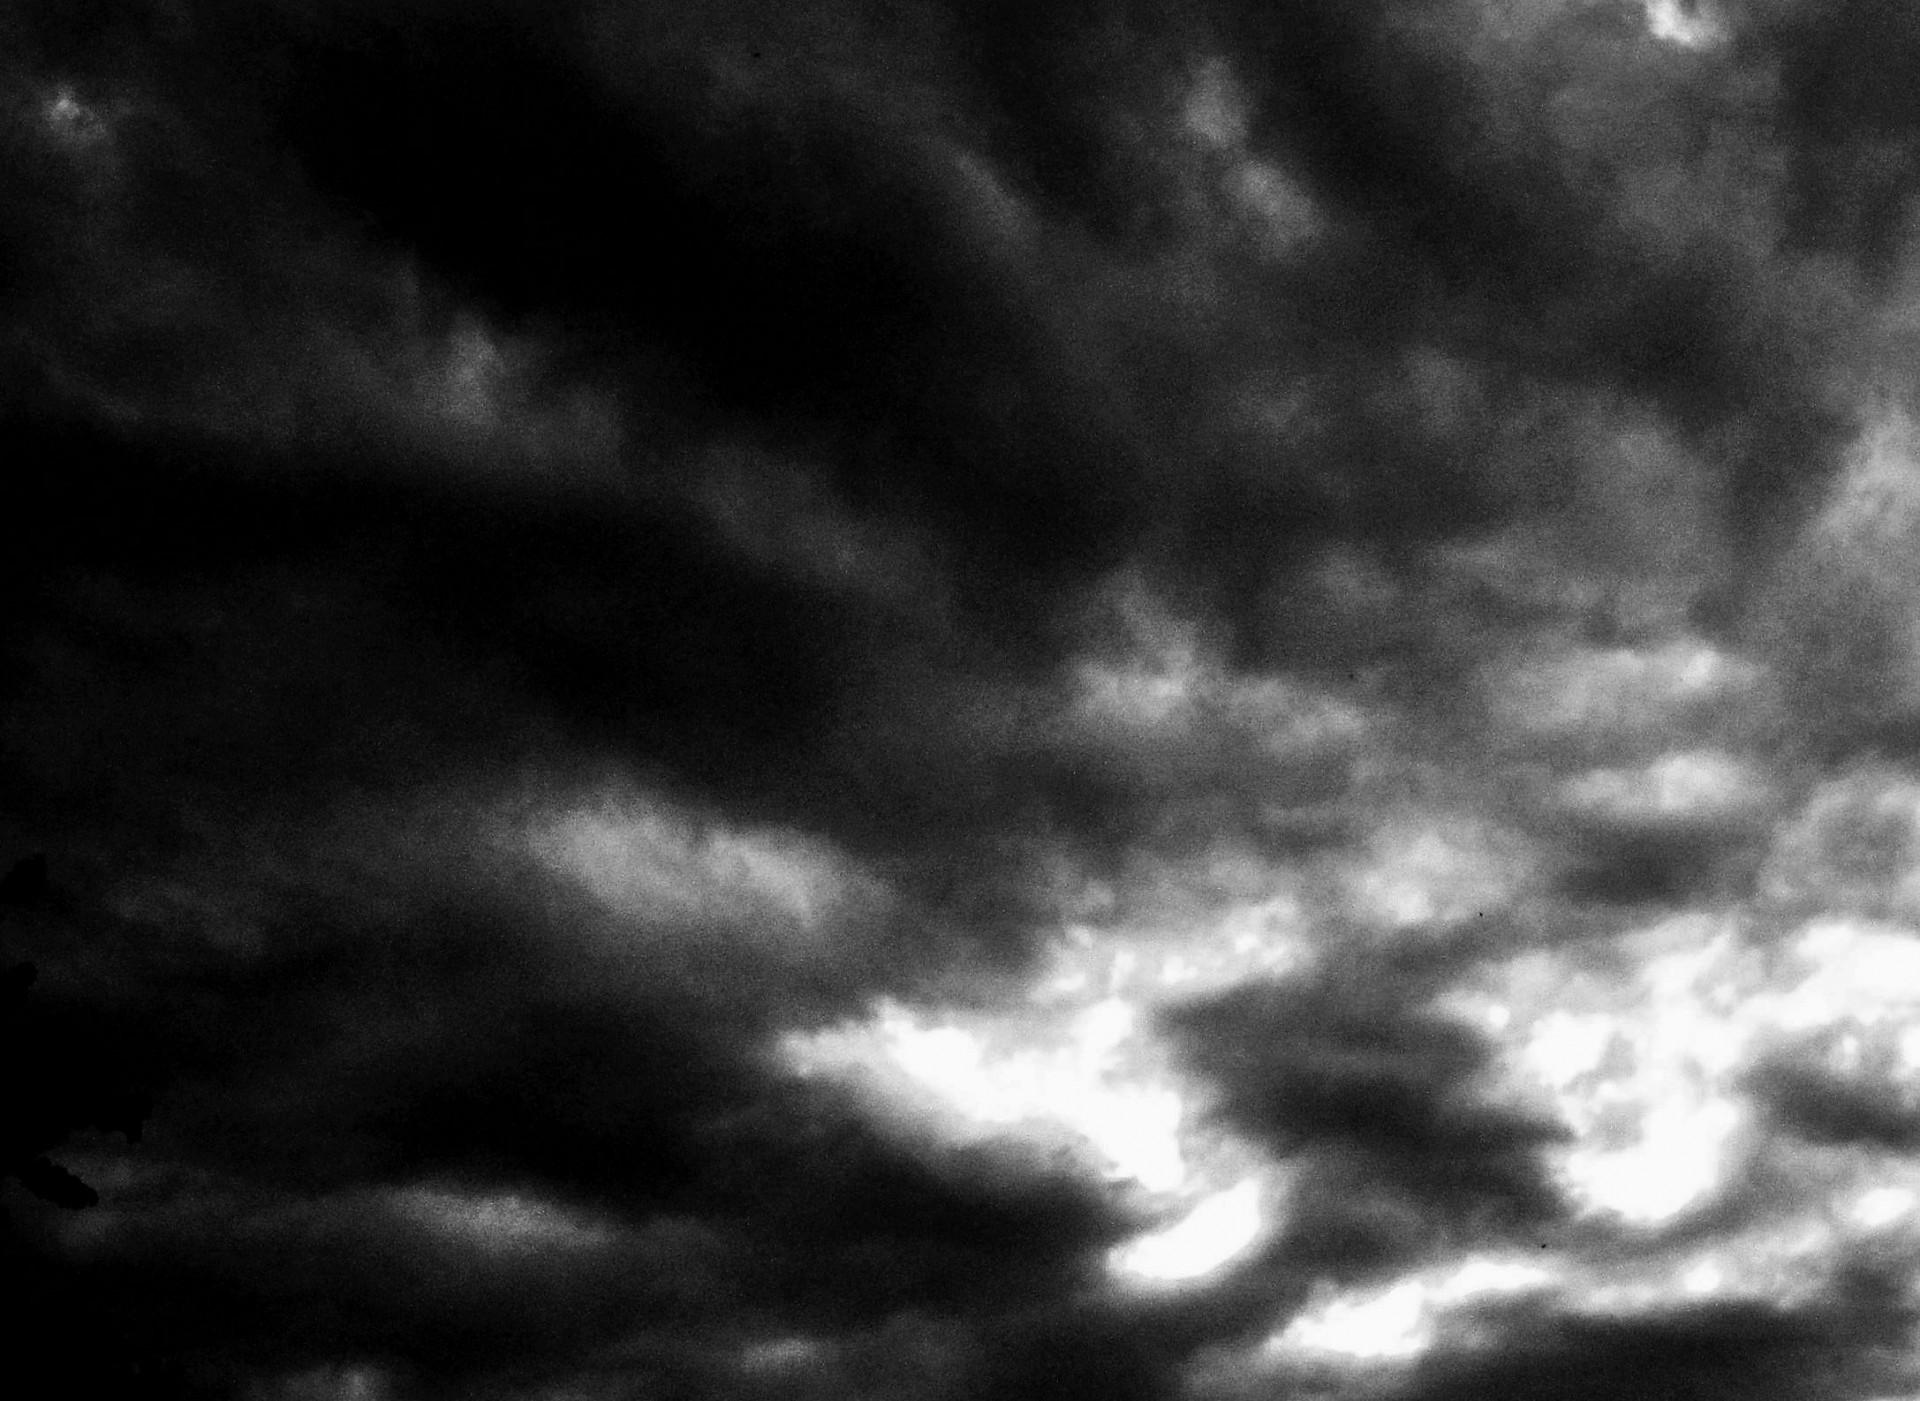 ominous-clouds-bandw